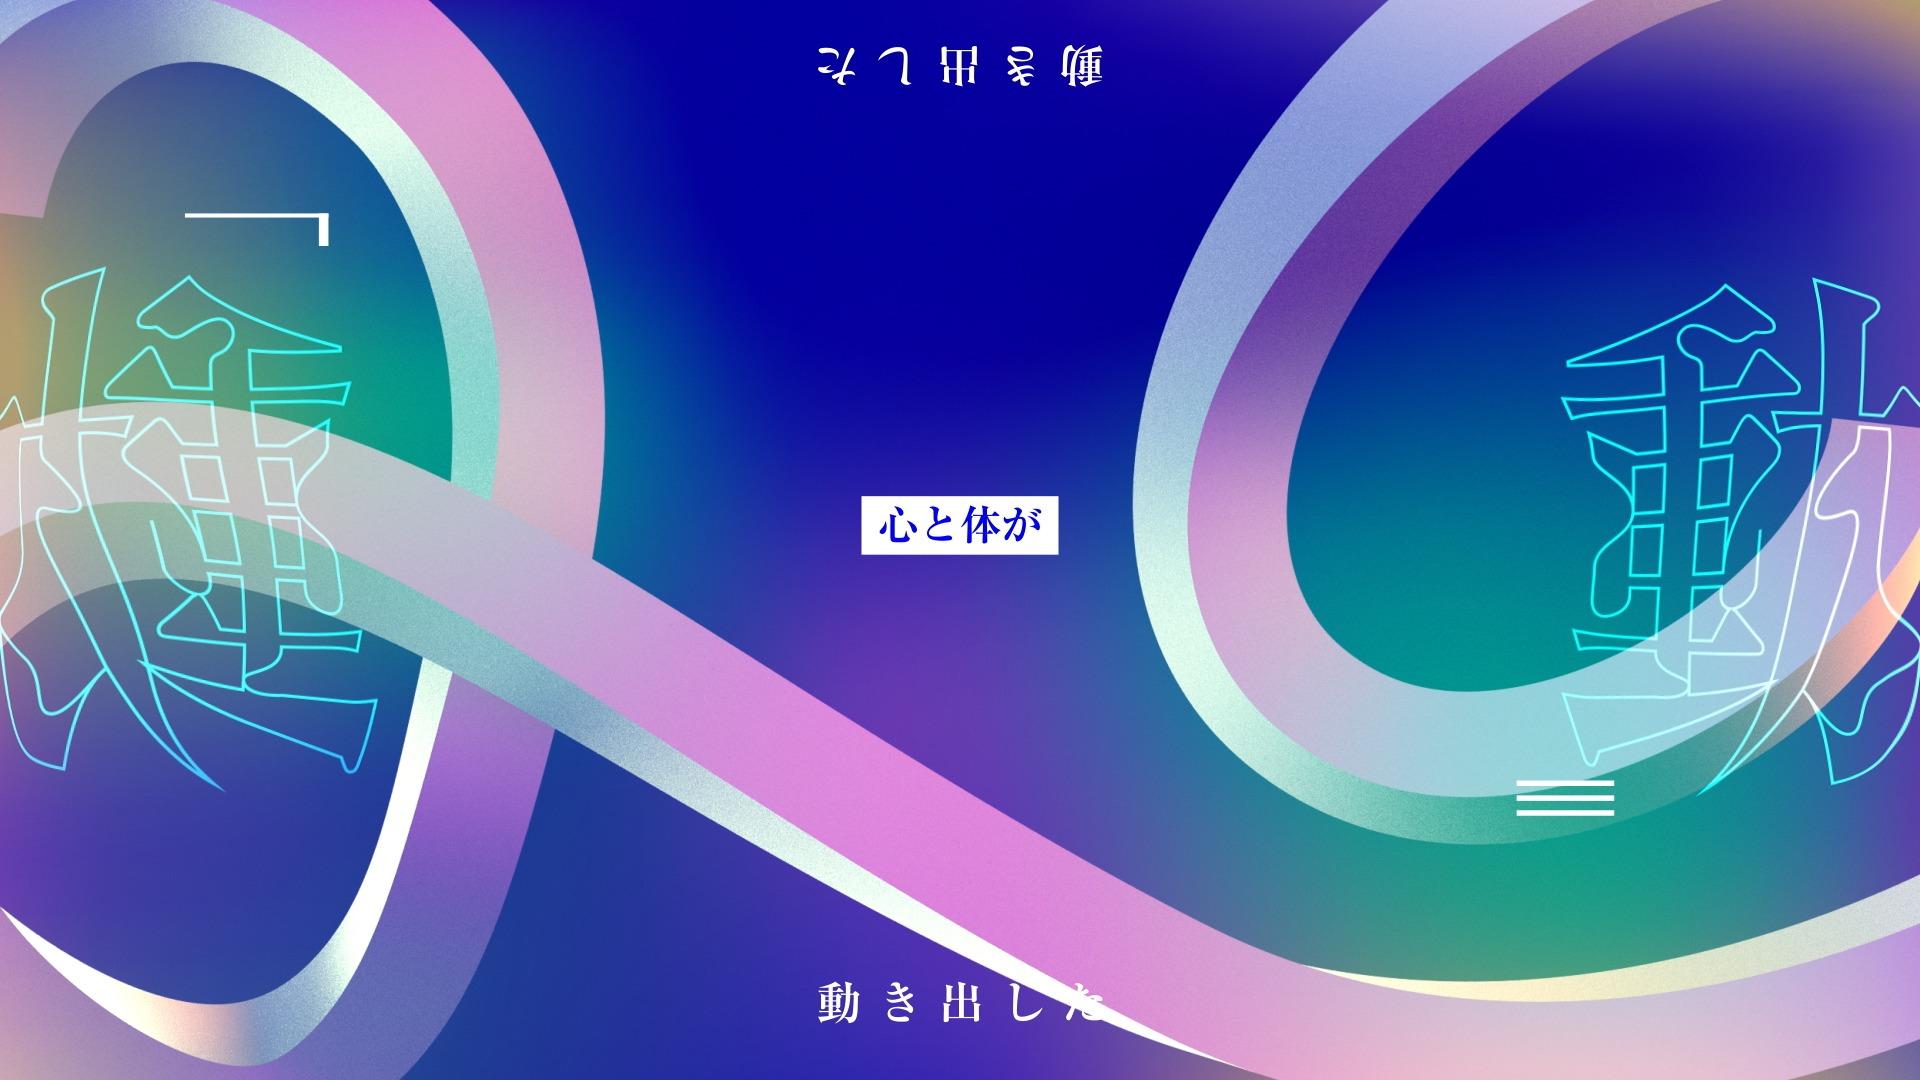 ポルノグラフィティ岡野昭仁「Shaft of Light」リリックビデオ(モーショングラフィックス)